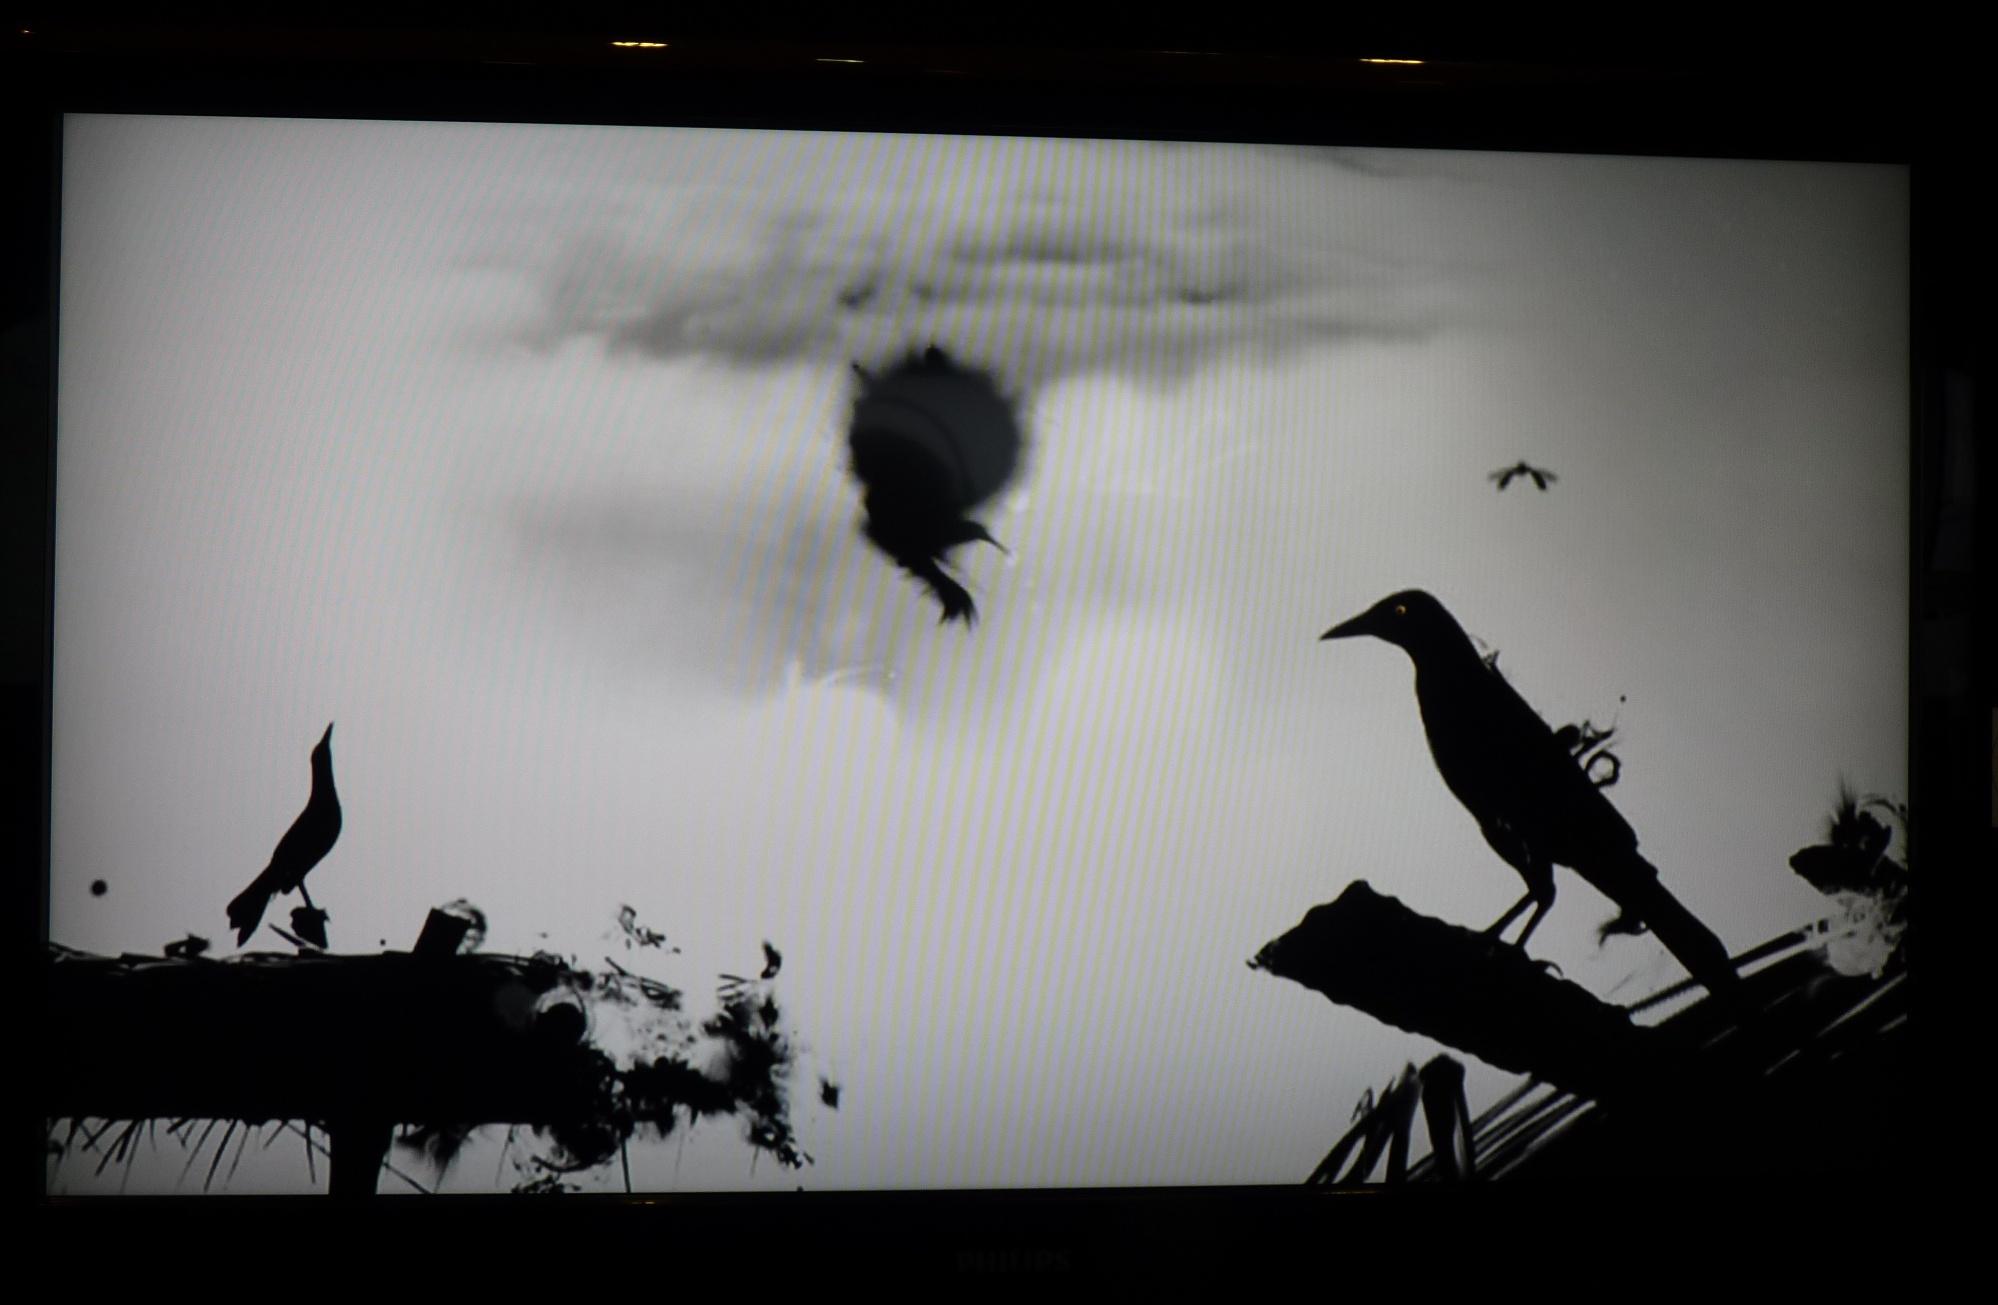 Instantes, extrait d'Implosion (boucle 2), vidéo d'animation expérimentale@(galerie Waya)